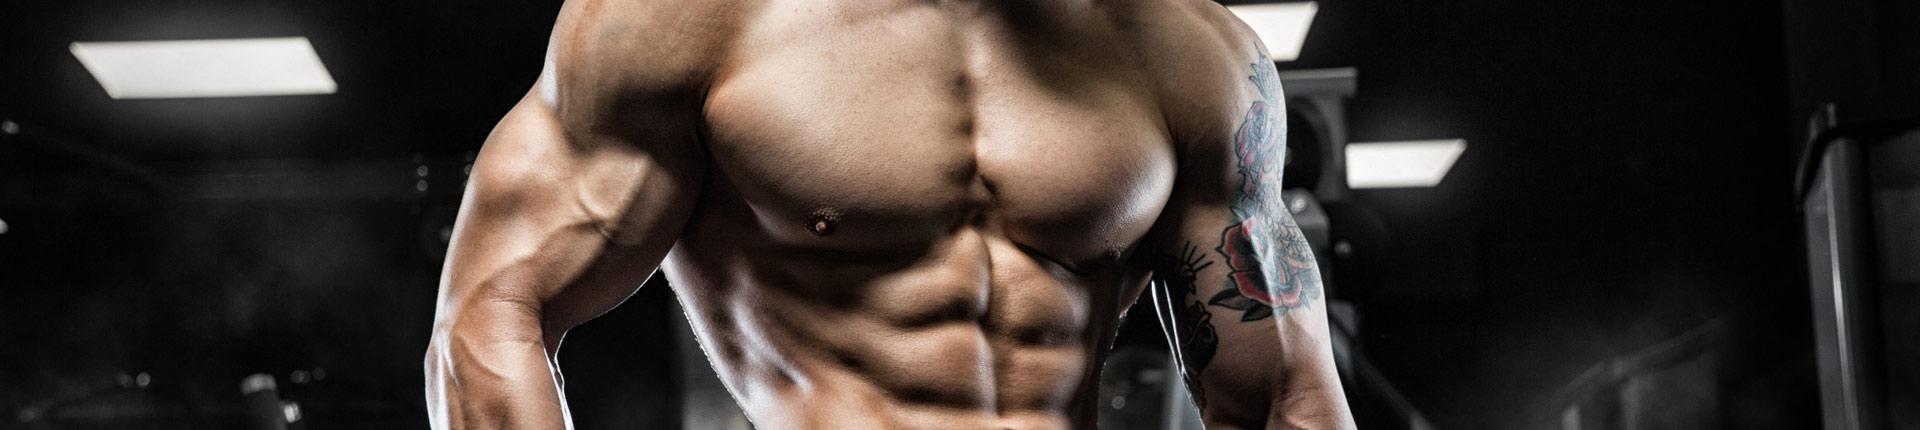 6 wskazówek jak poprawić pompę klatki piersiowej